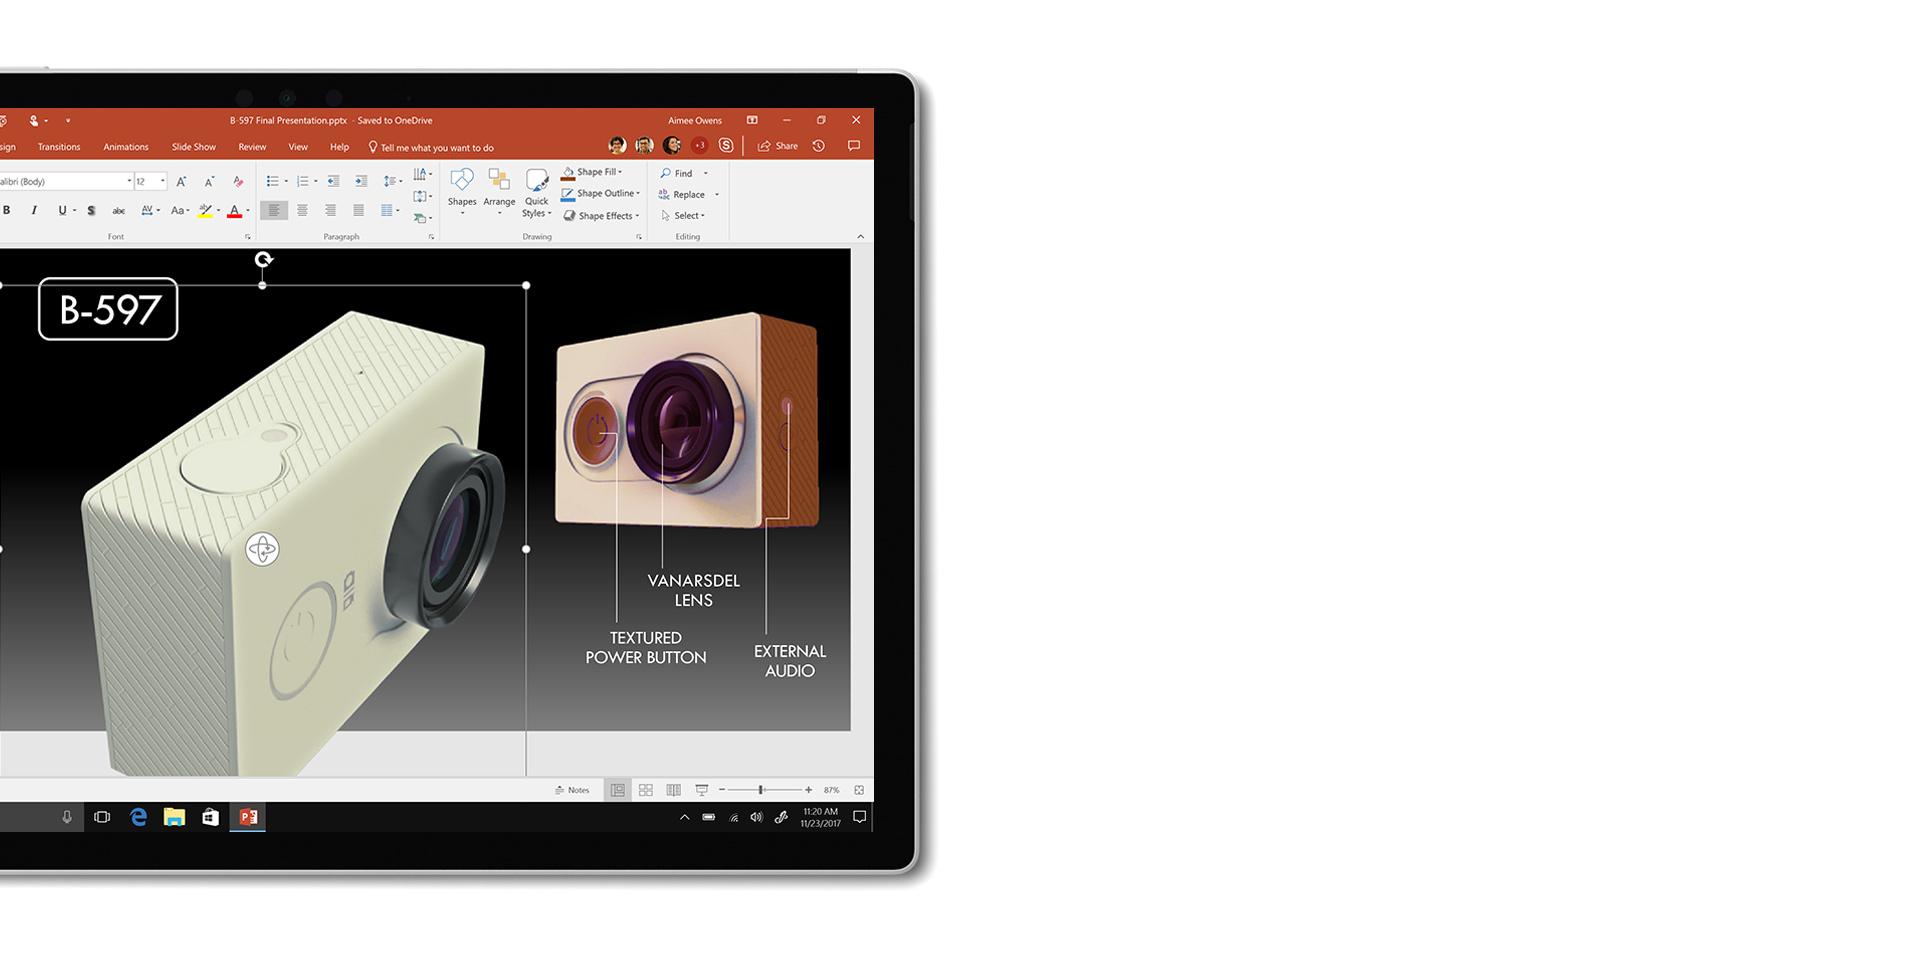 PowerPoint-App wird auf dem von der Tastatur abgetrennten Bildschirm eines Surface Book2 angezeigt.